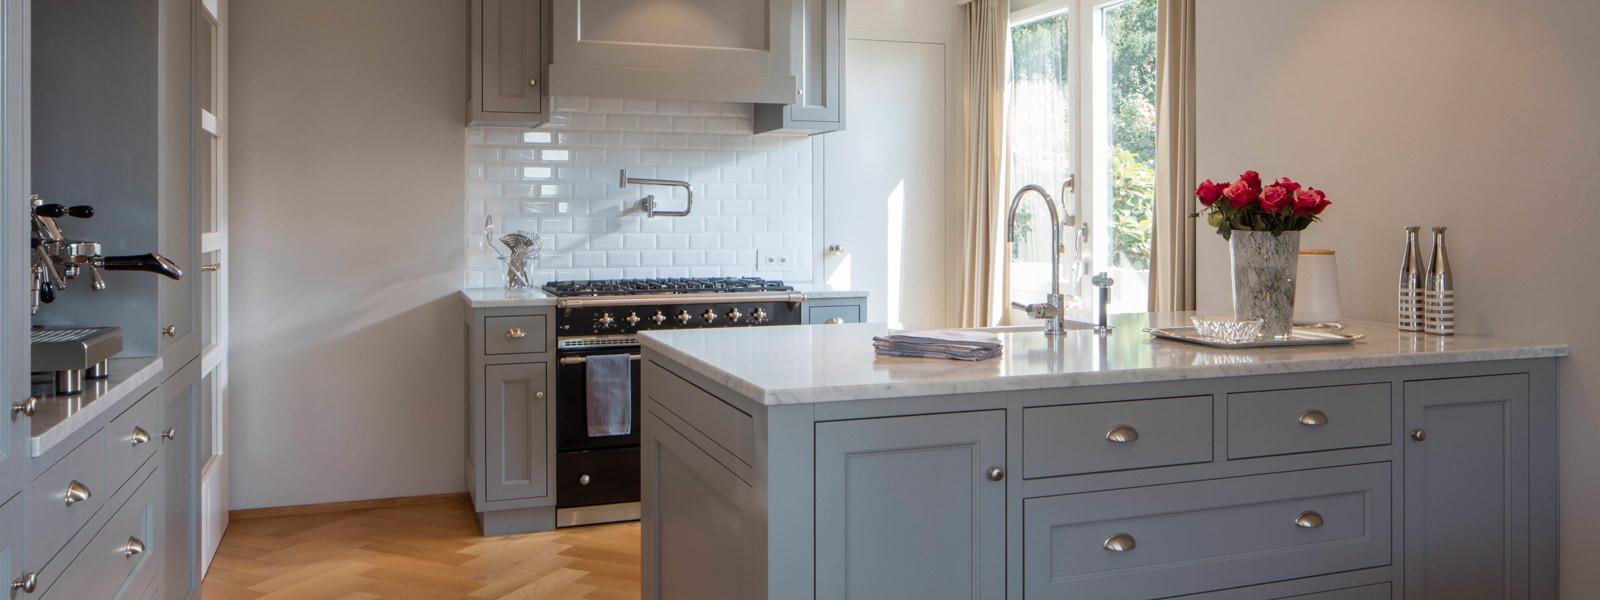 Full Size of Küchen Kchen Im Shaker Stil Regal Wohnzimmer Küchen